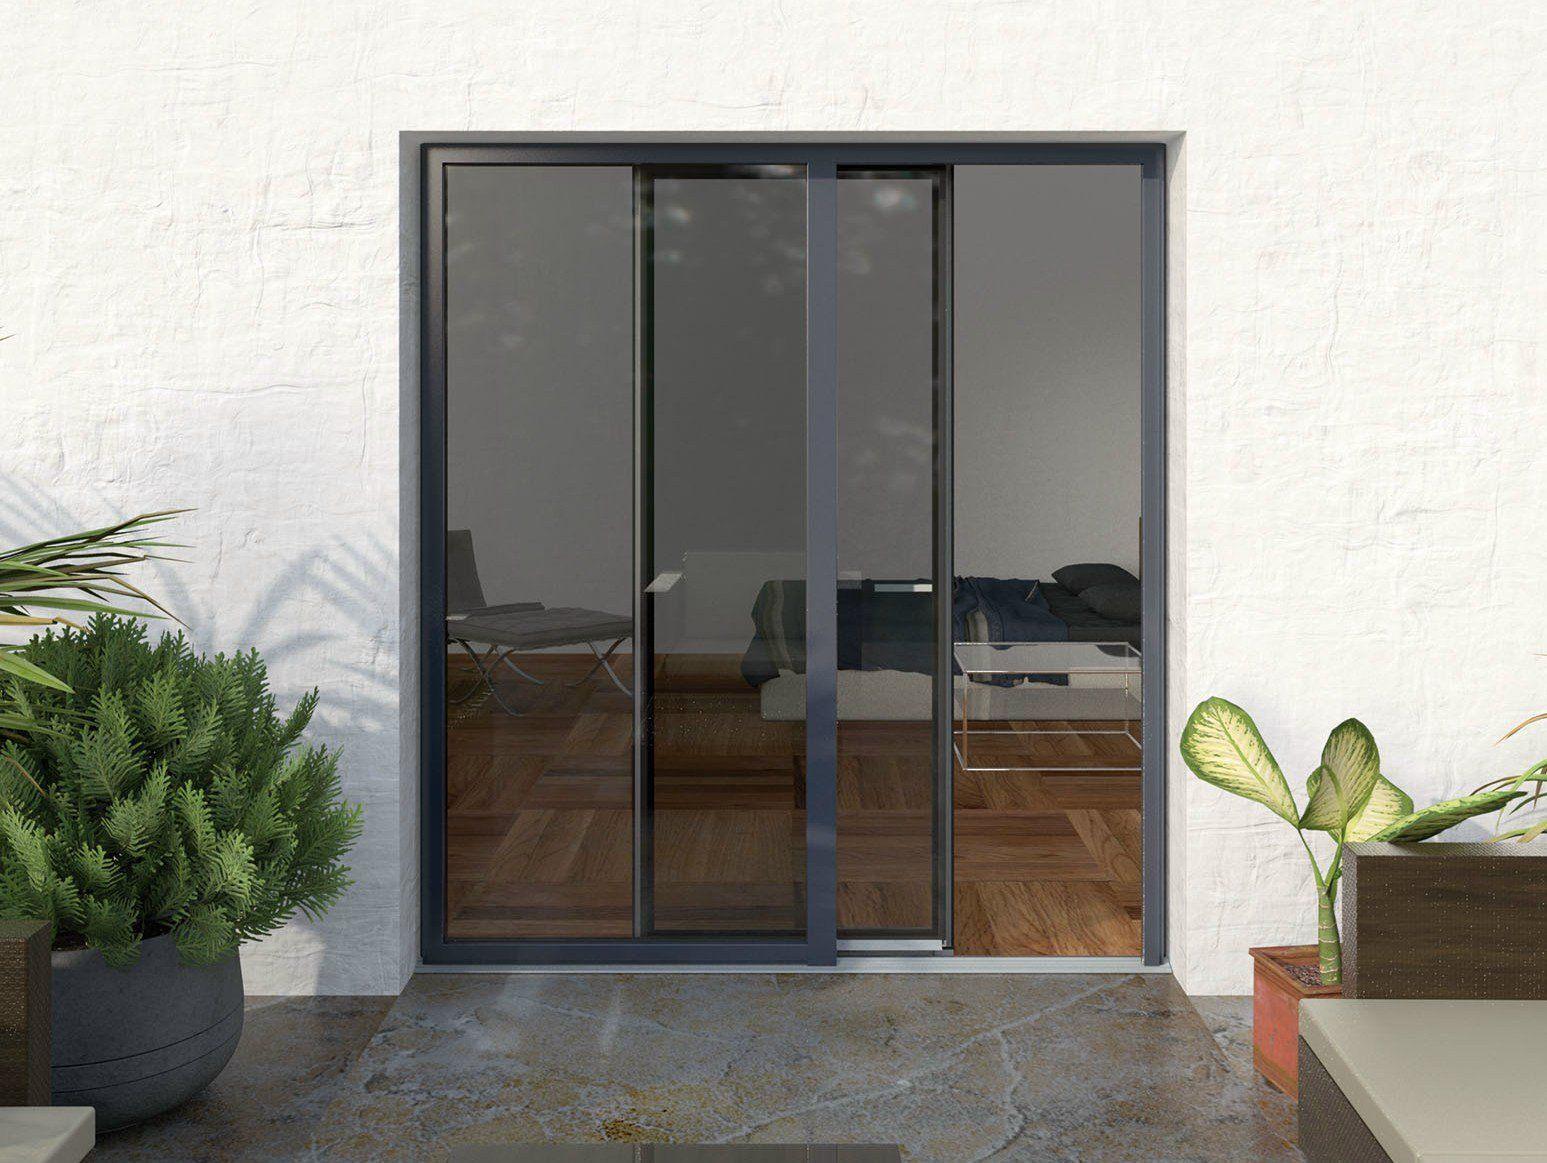 Sistemi oscuranti per finestre le soluzioni finstral - Pellicole oscuranti per finestre ...